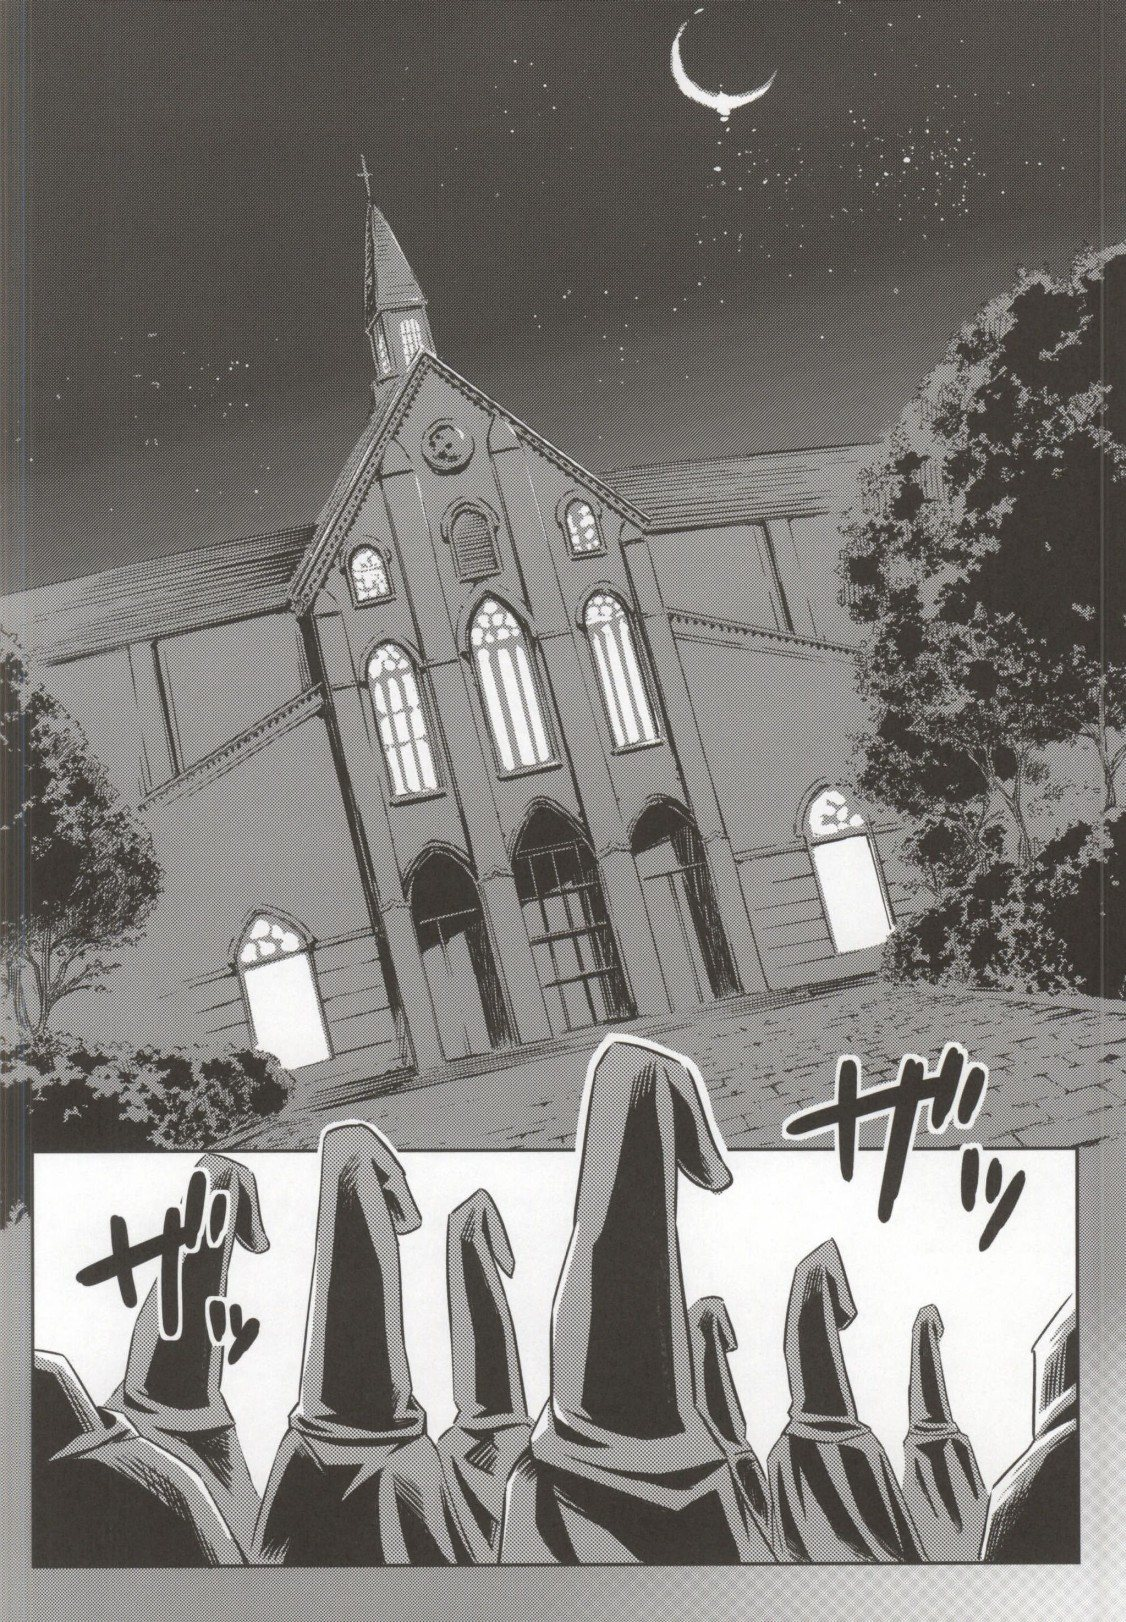 【エロ漫画】ツンデレ痴女JCの蘭子が乱交でオチンポ咥えてごっくんできないほどの大量ザーメンを口内射精されてアナルもオマンコもザーメンまみれにされちゃってるwwwww